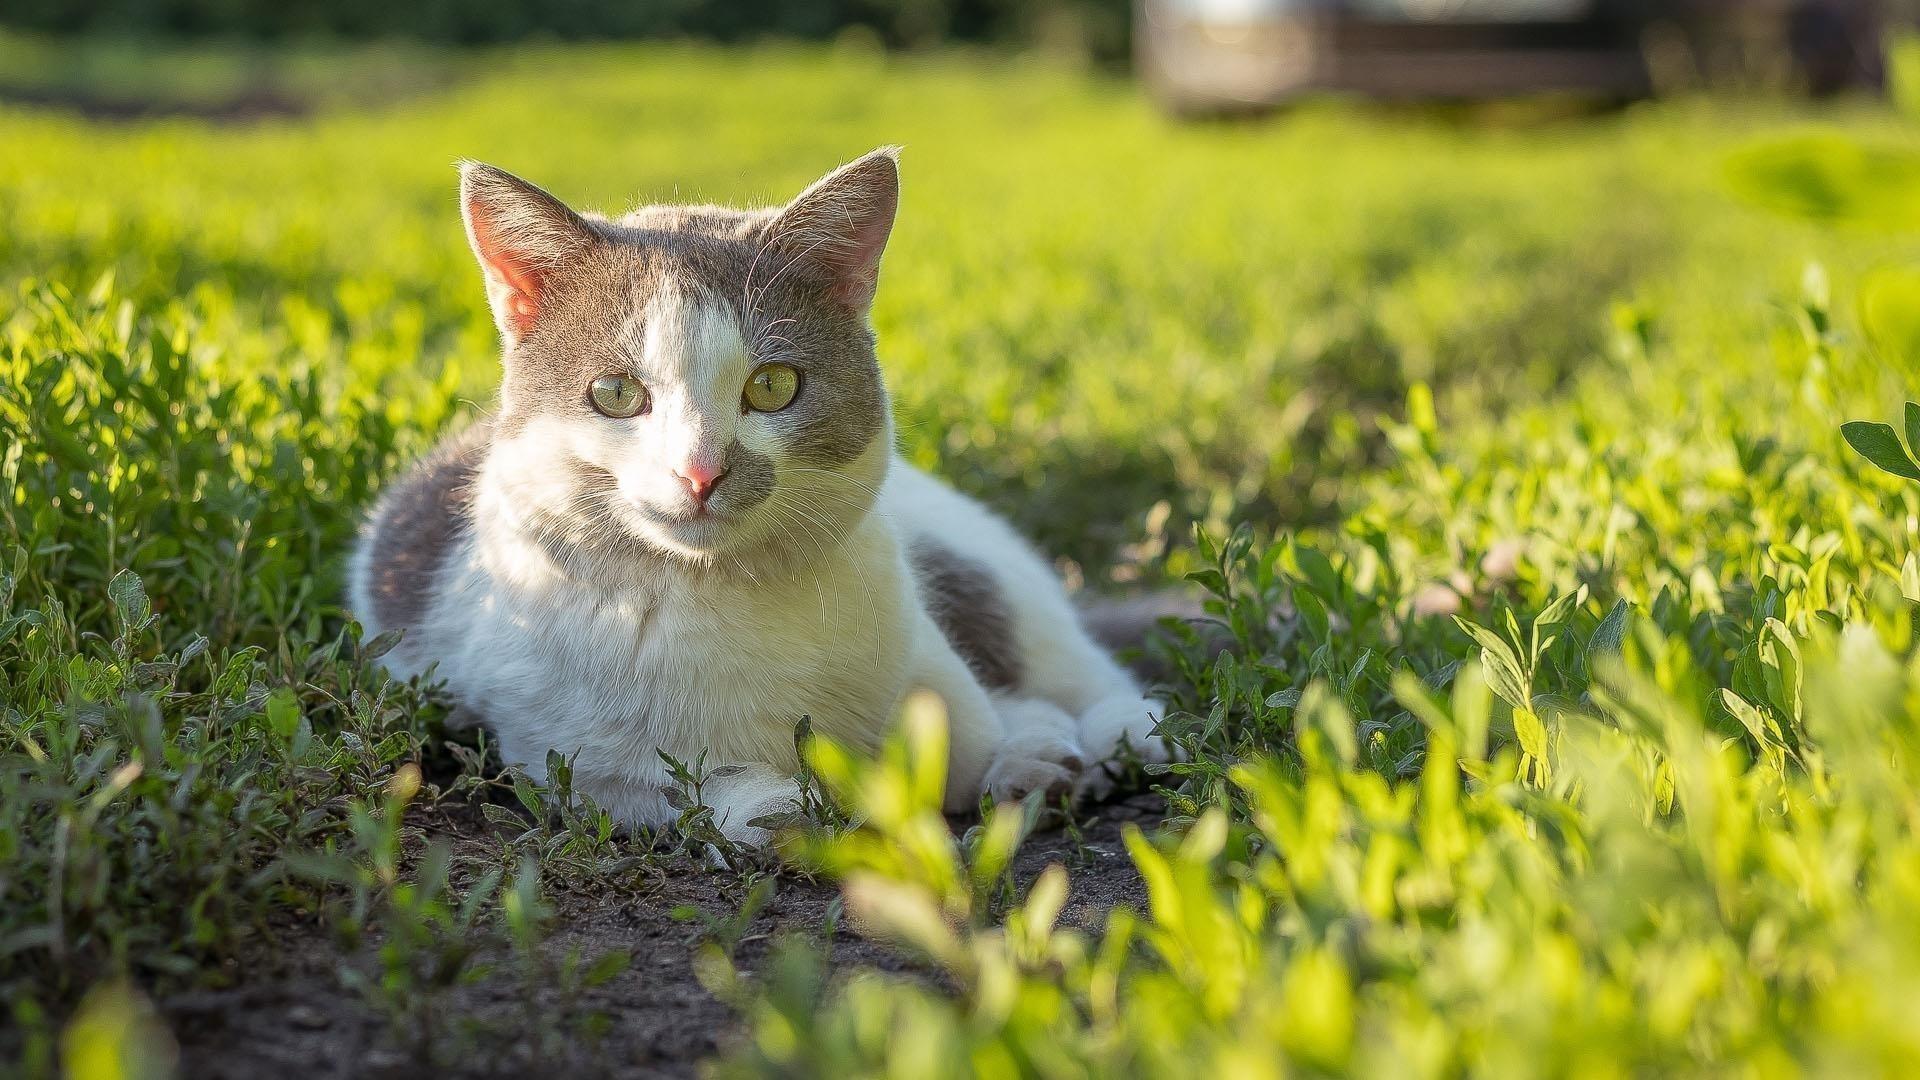 Желтые глаза карие черные милая кошка сидит на зеленых маленьких растениях на фоне солнечных лучей милая кошка обои скачать